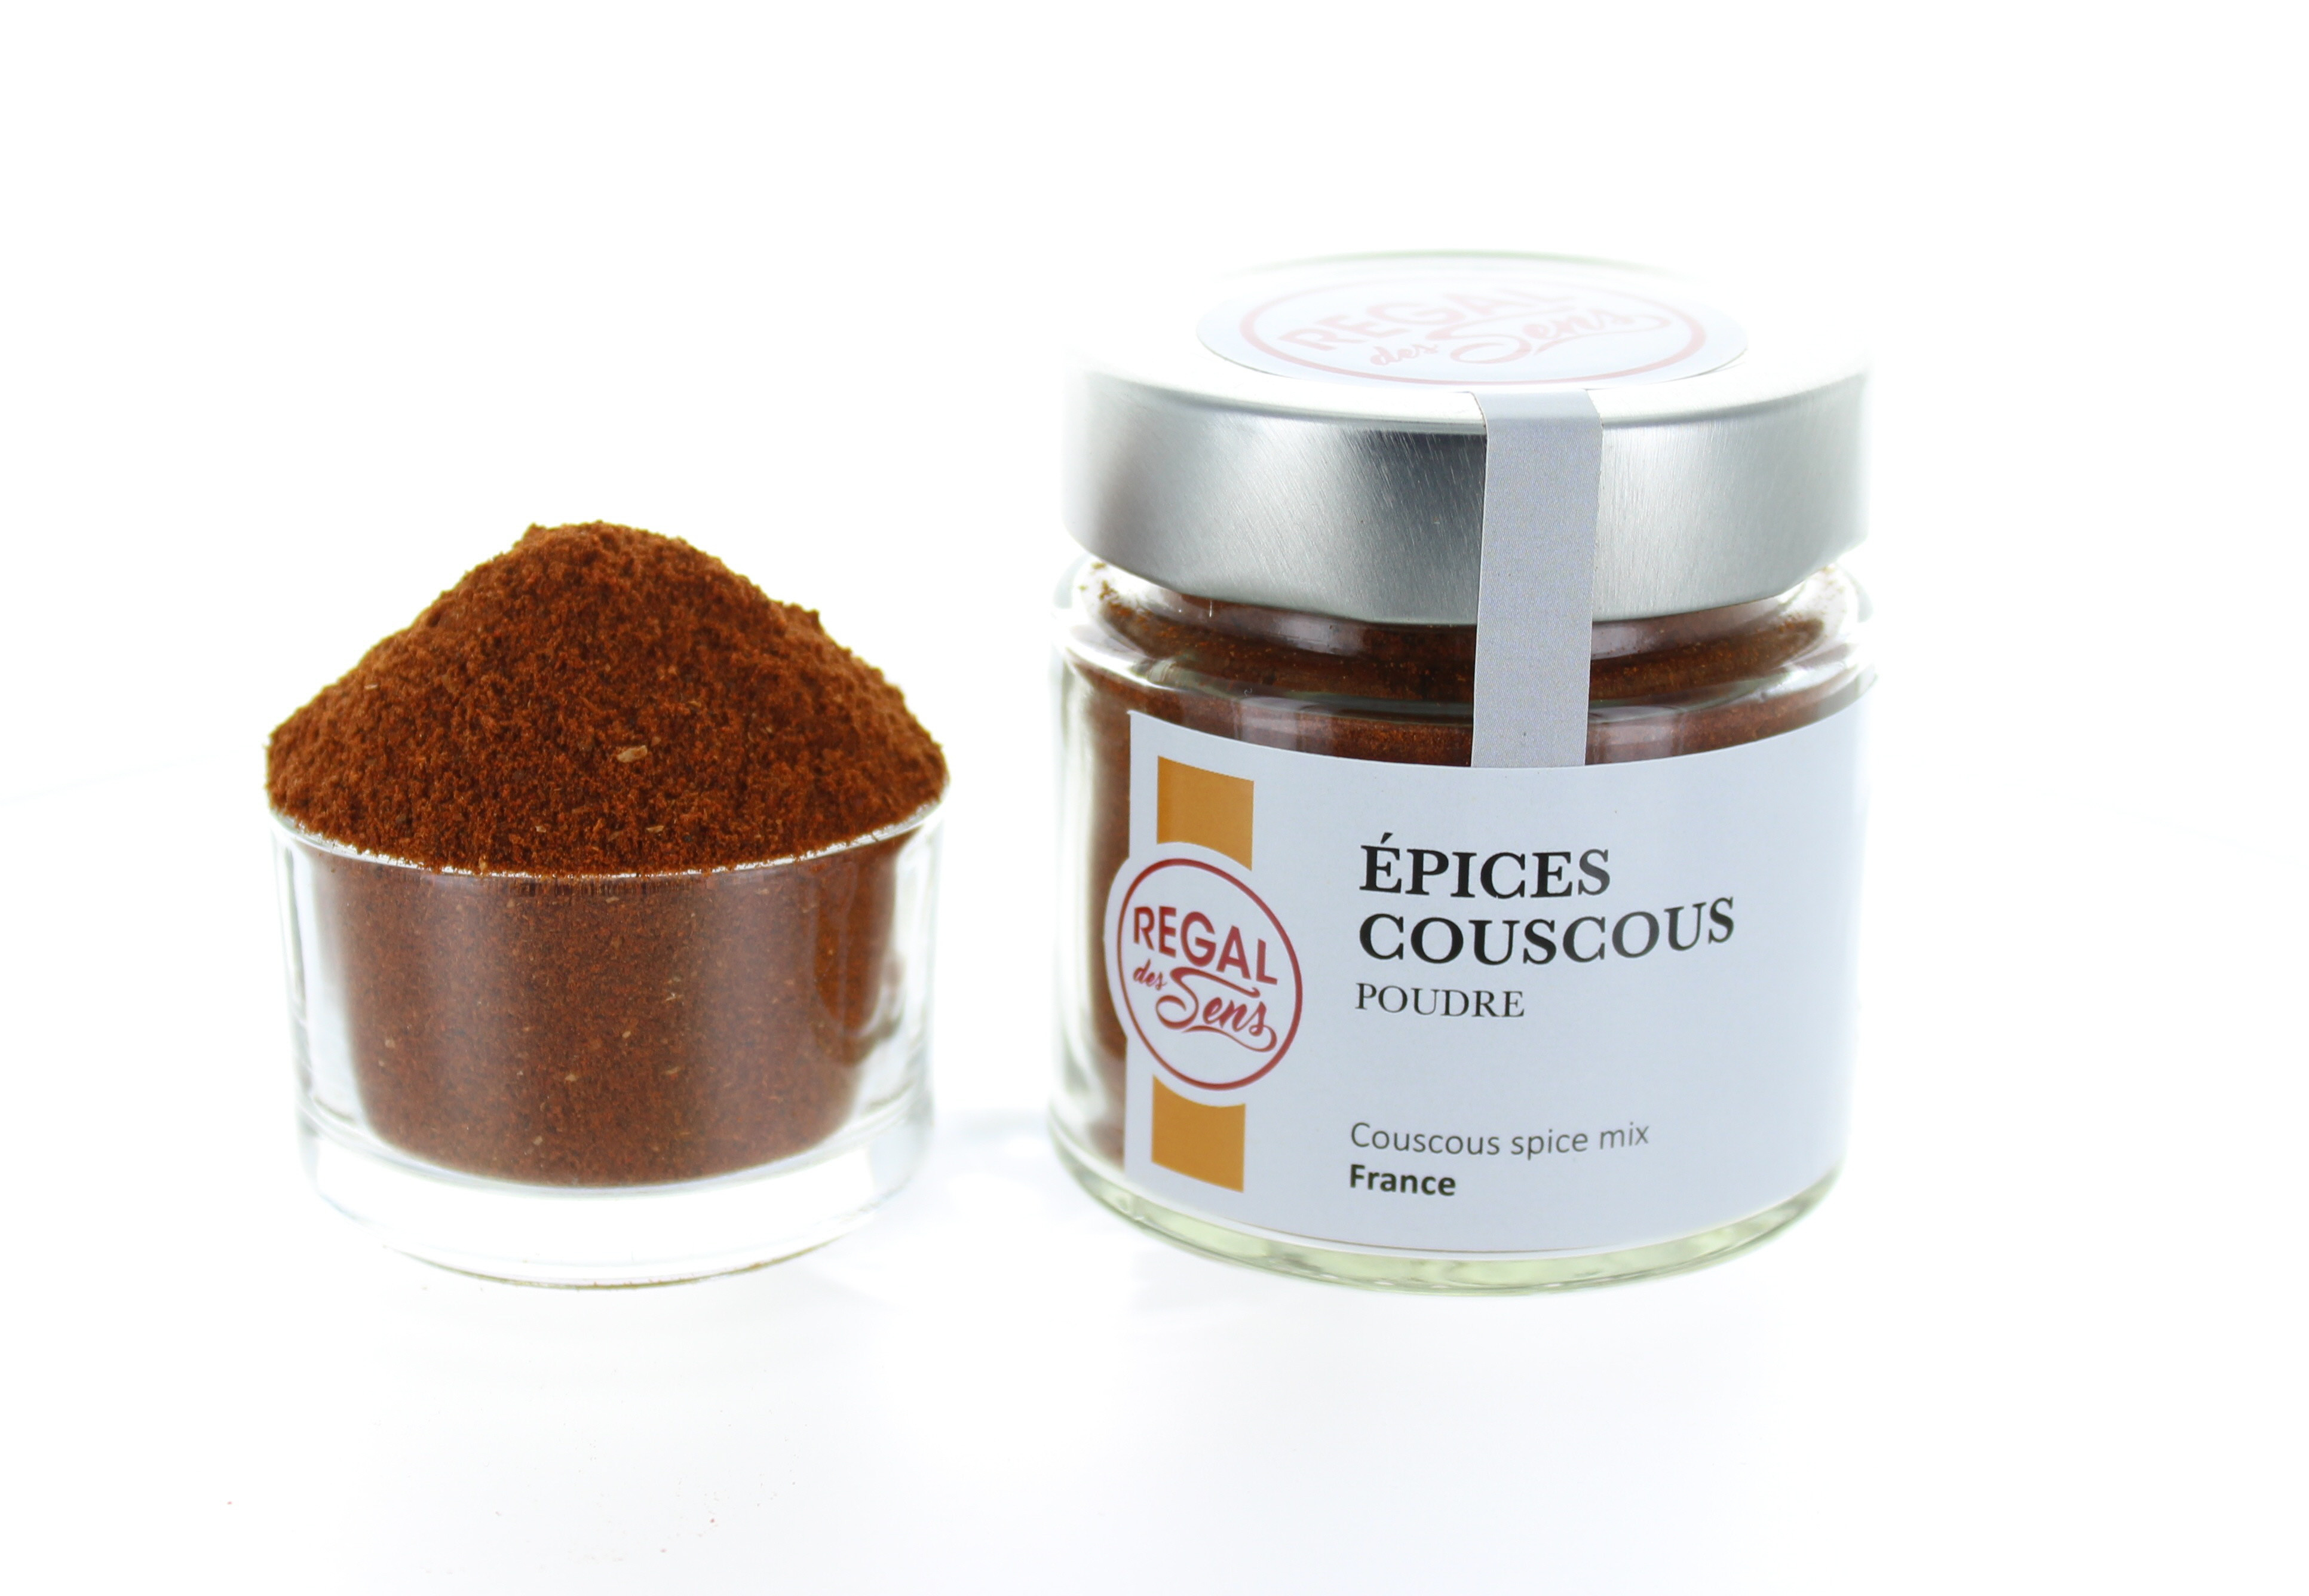 Épices Couscous